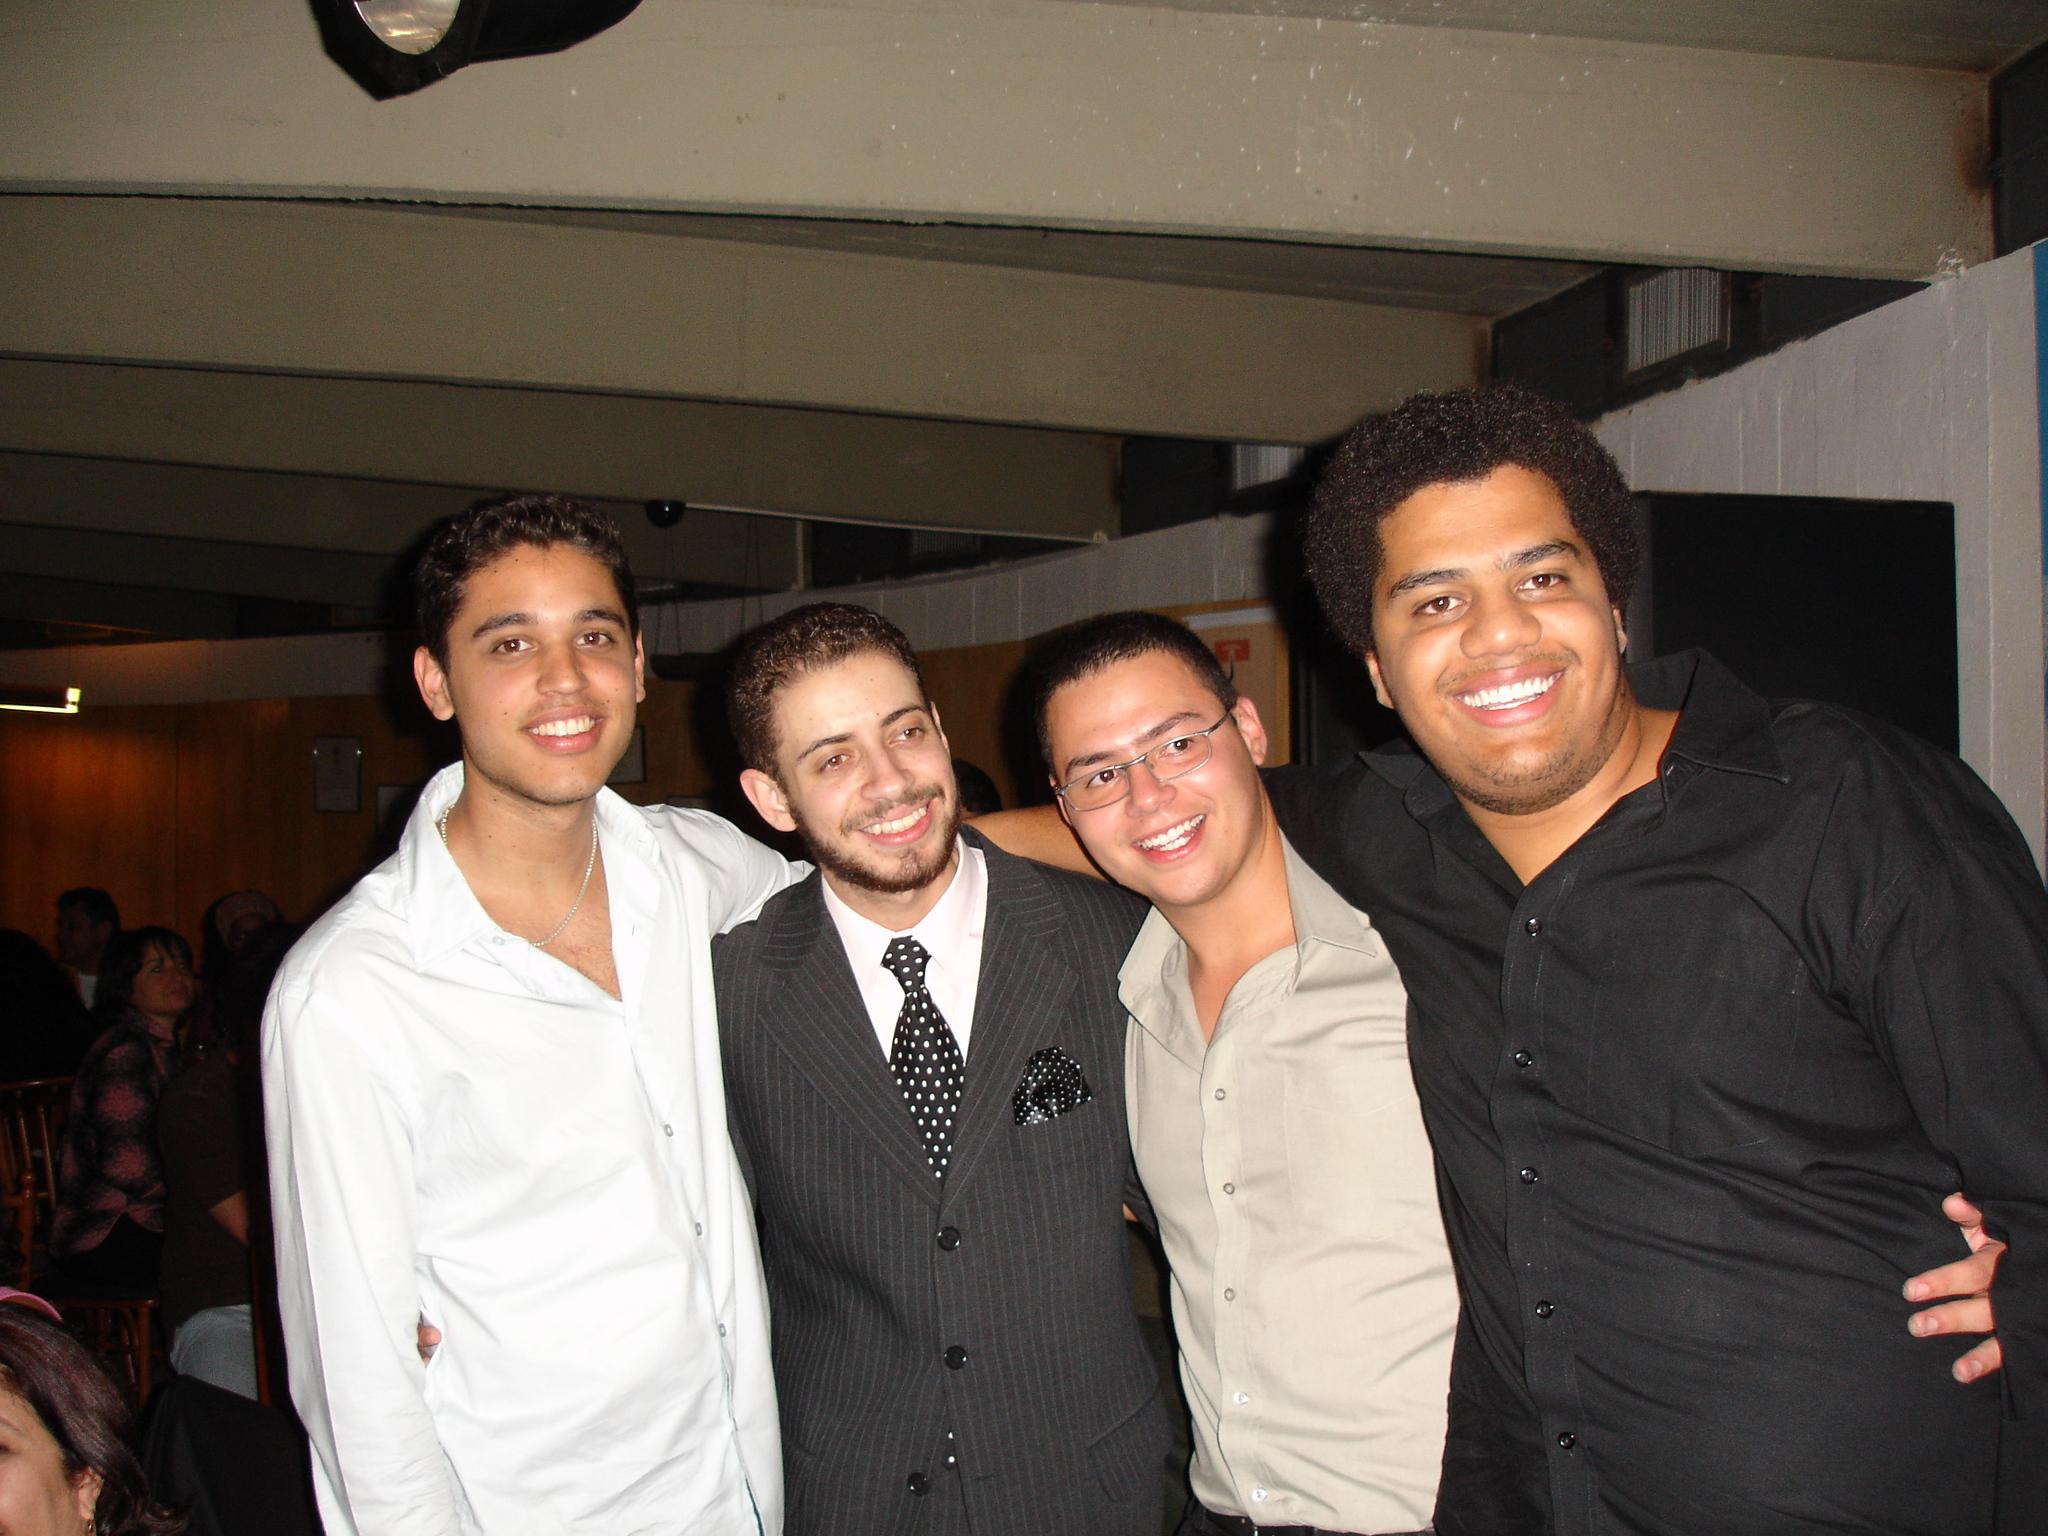 Clube do Choro de Brasília 2006, com Henrique Neto, Márcio Marinho, Rafael dos Anjos